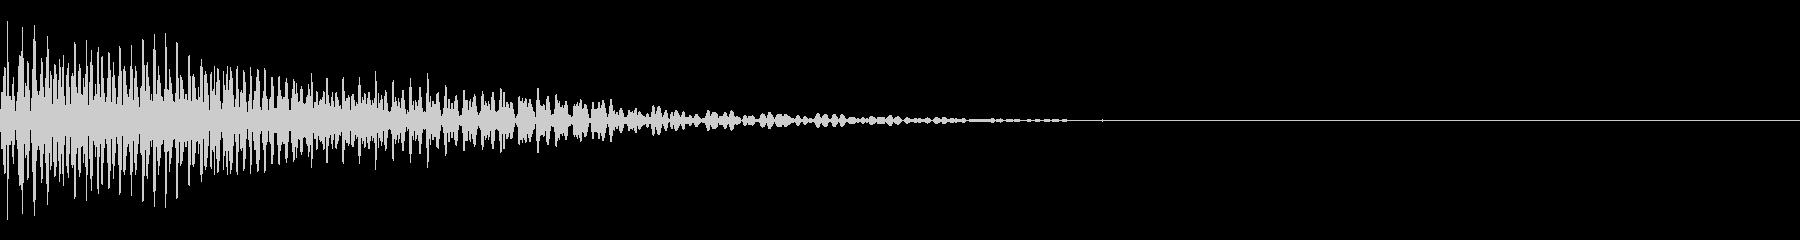 ベース/ドゥーン/ネックスライド/A03の未再生の波形